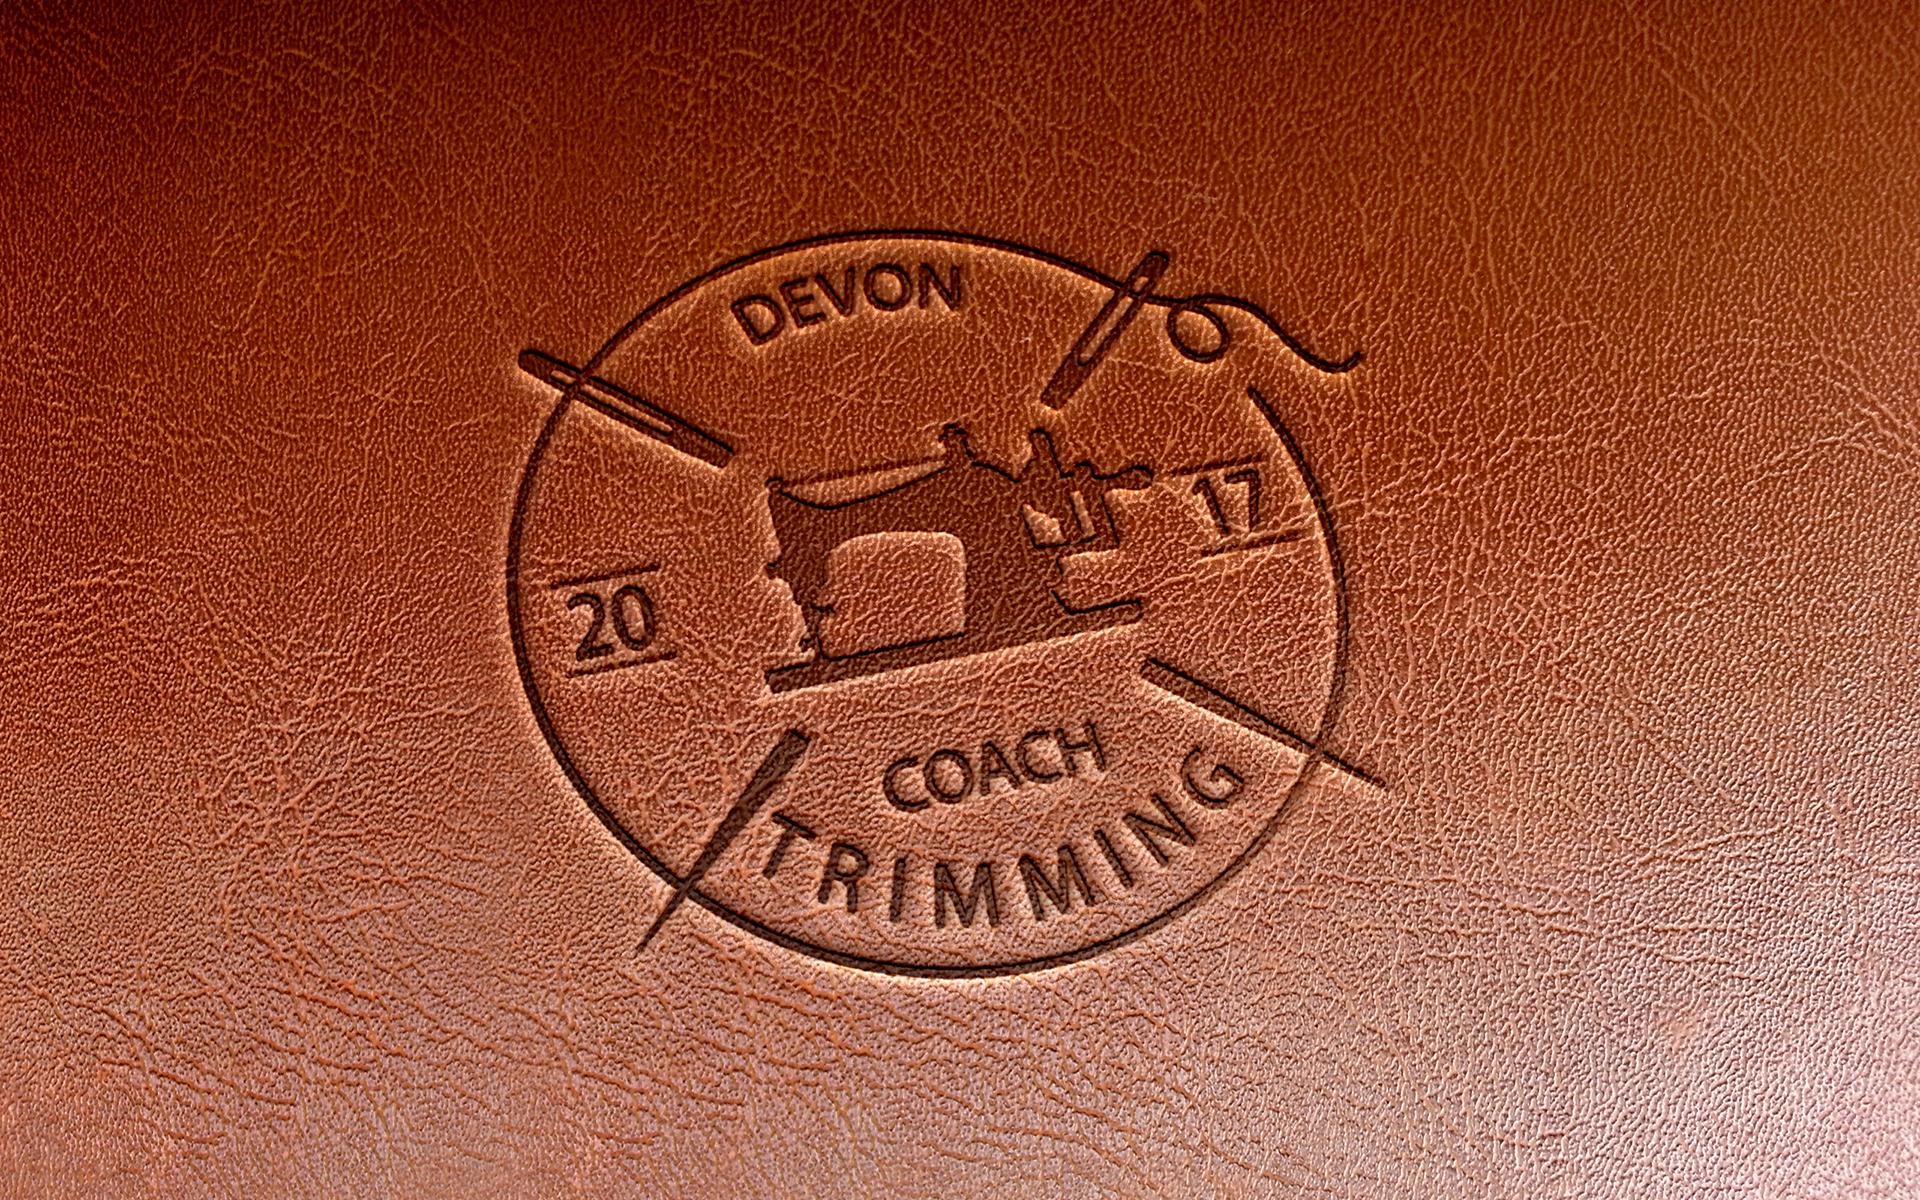 Devon Coach Trimming